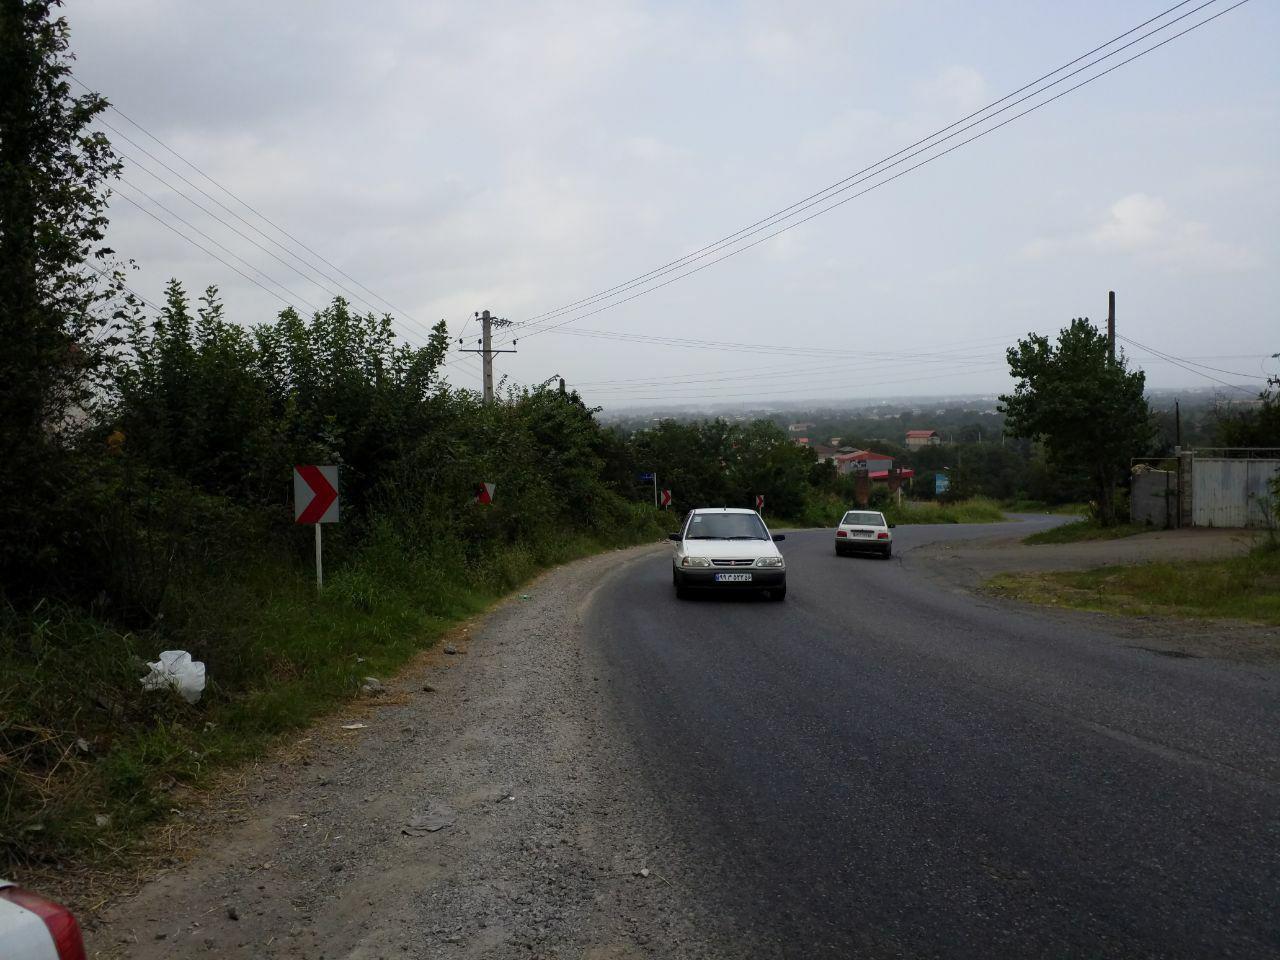 فروش زمین 2400 متری شهری مسکونی کومله